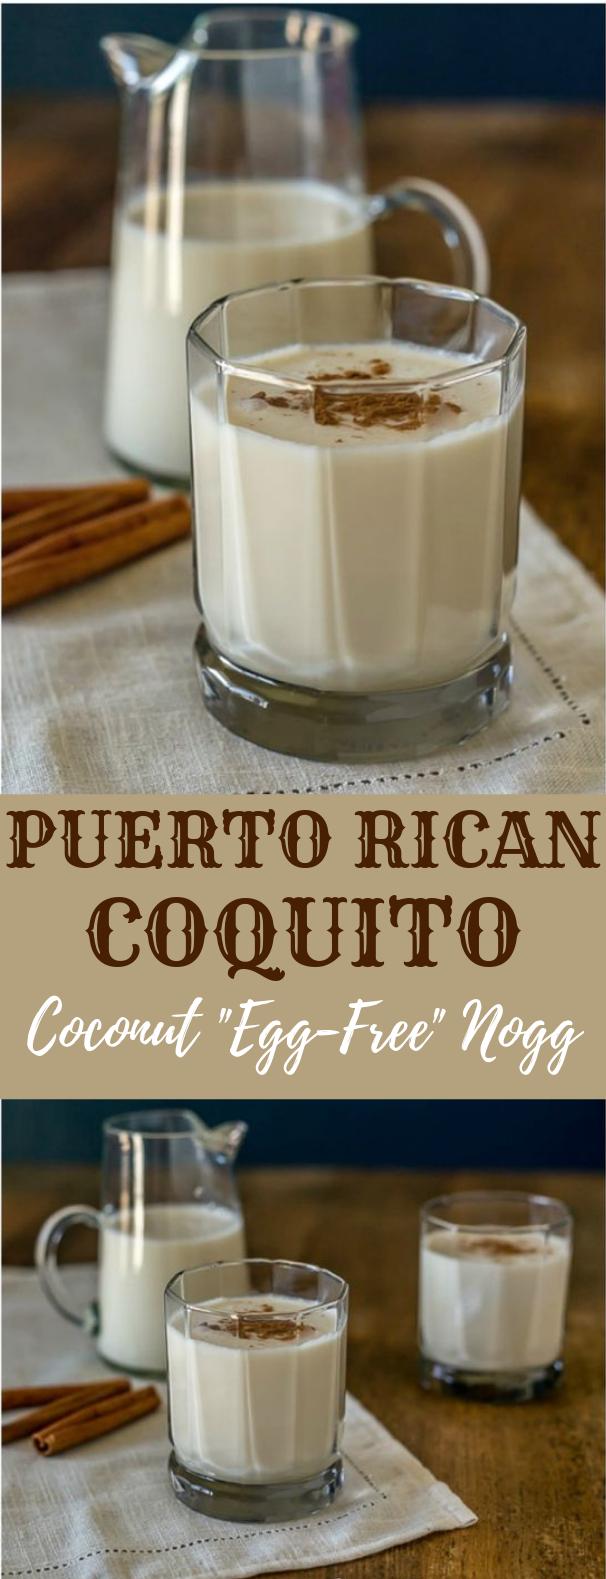 COQUITO – PUERTO RICAN COCONUT EGG-FREE NOG #Drink #Caquito